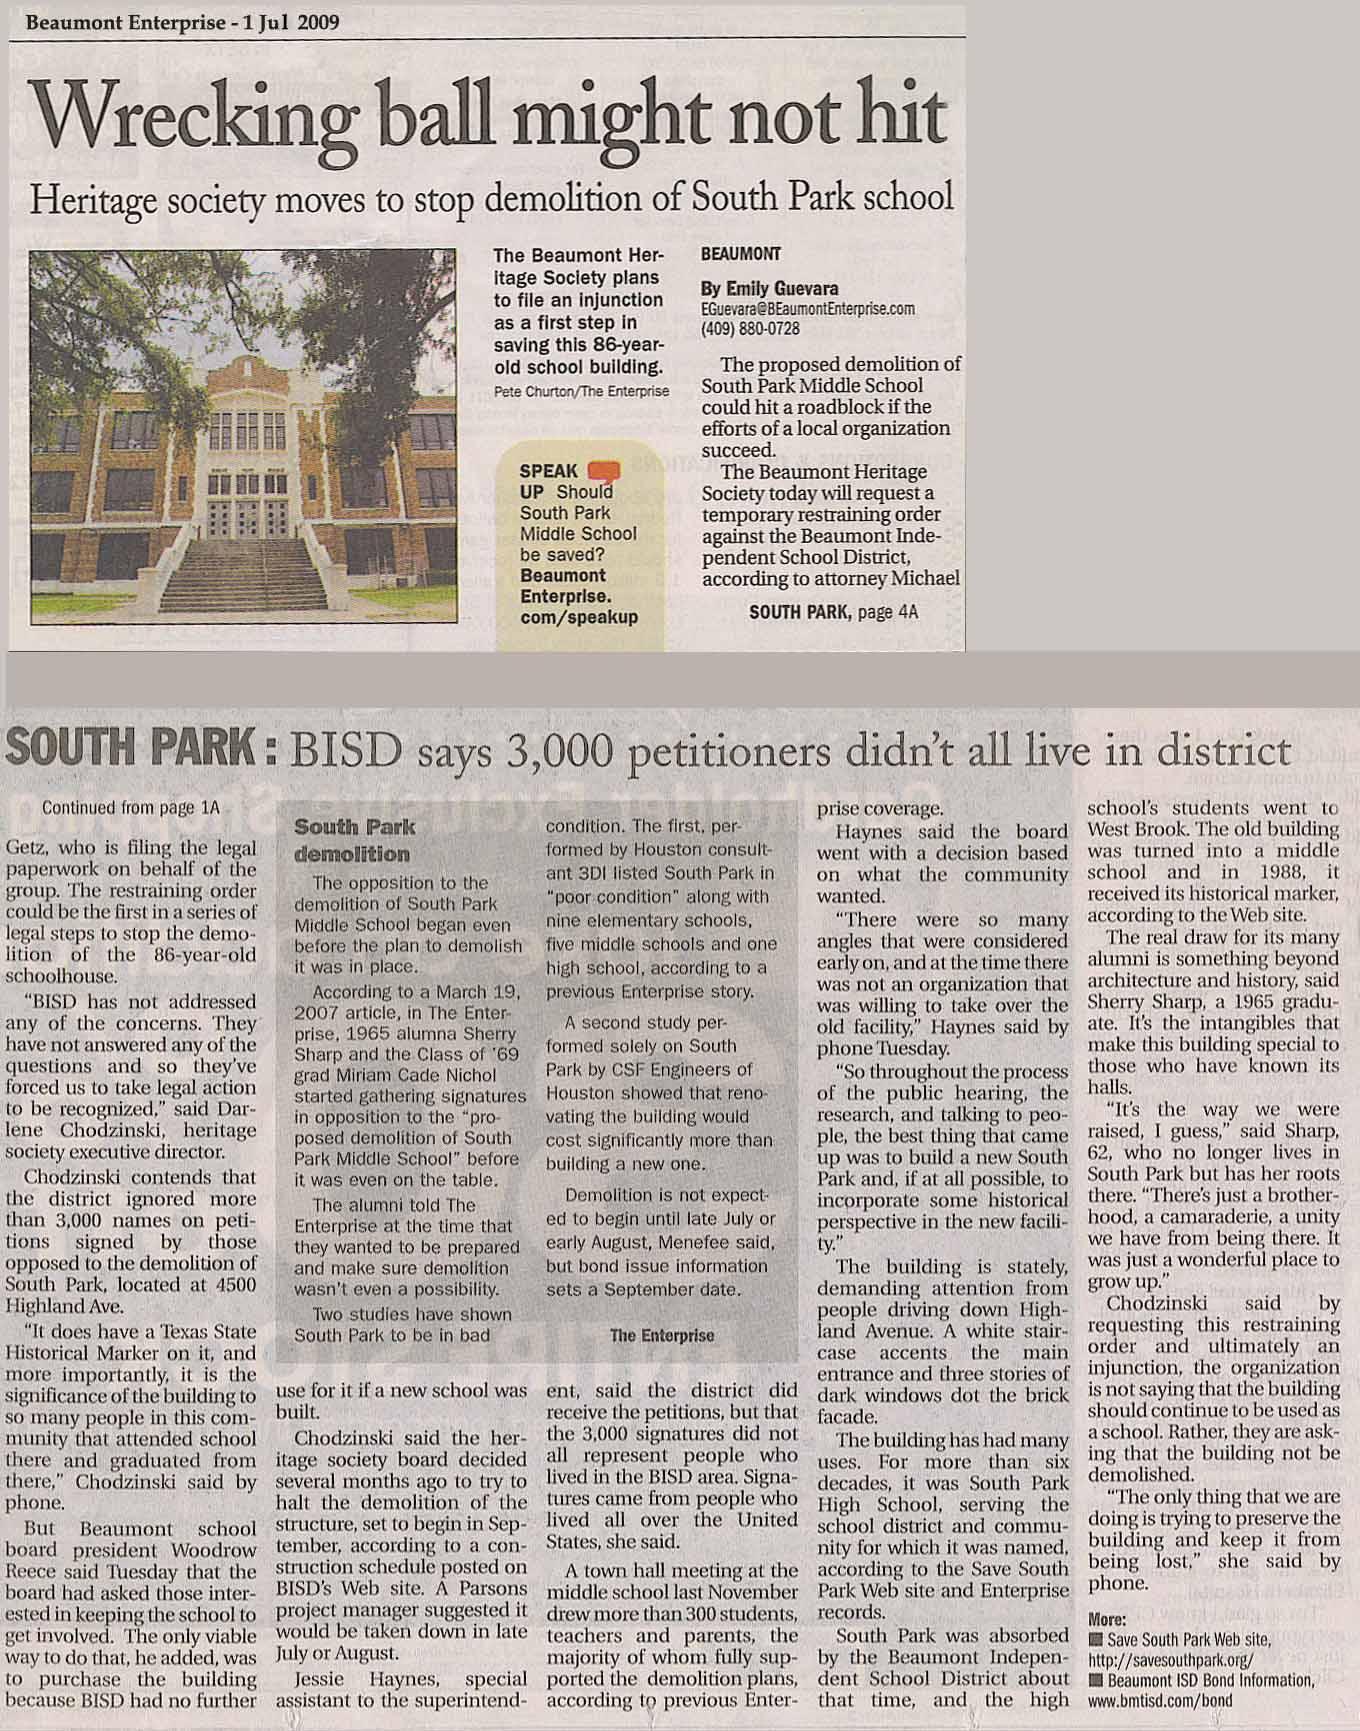 Southeast Texas Political Review http://sherrysharp.com/southpark/demo